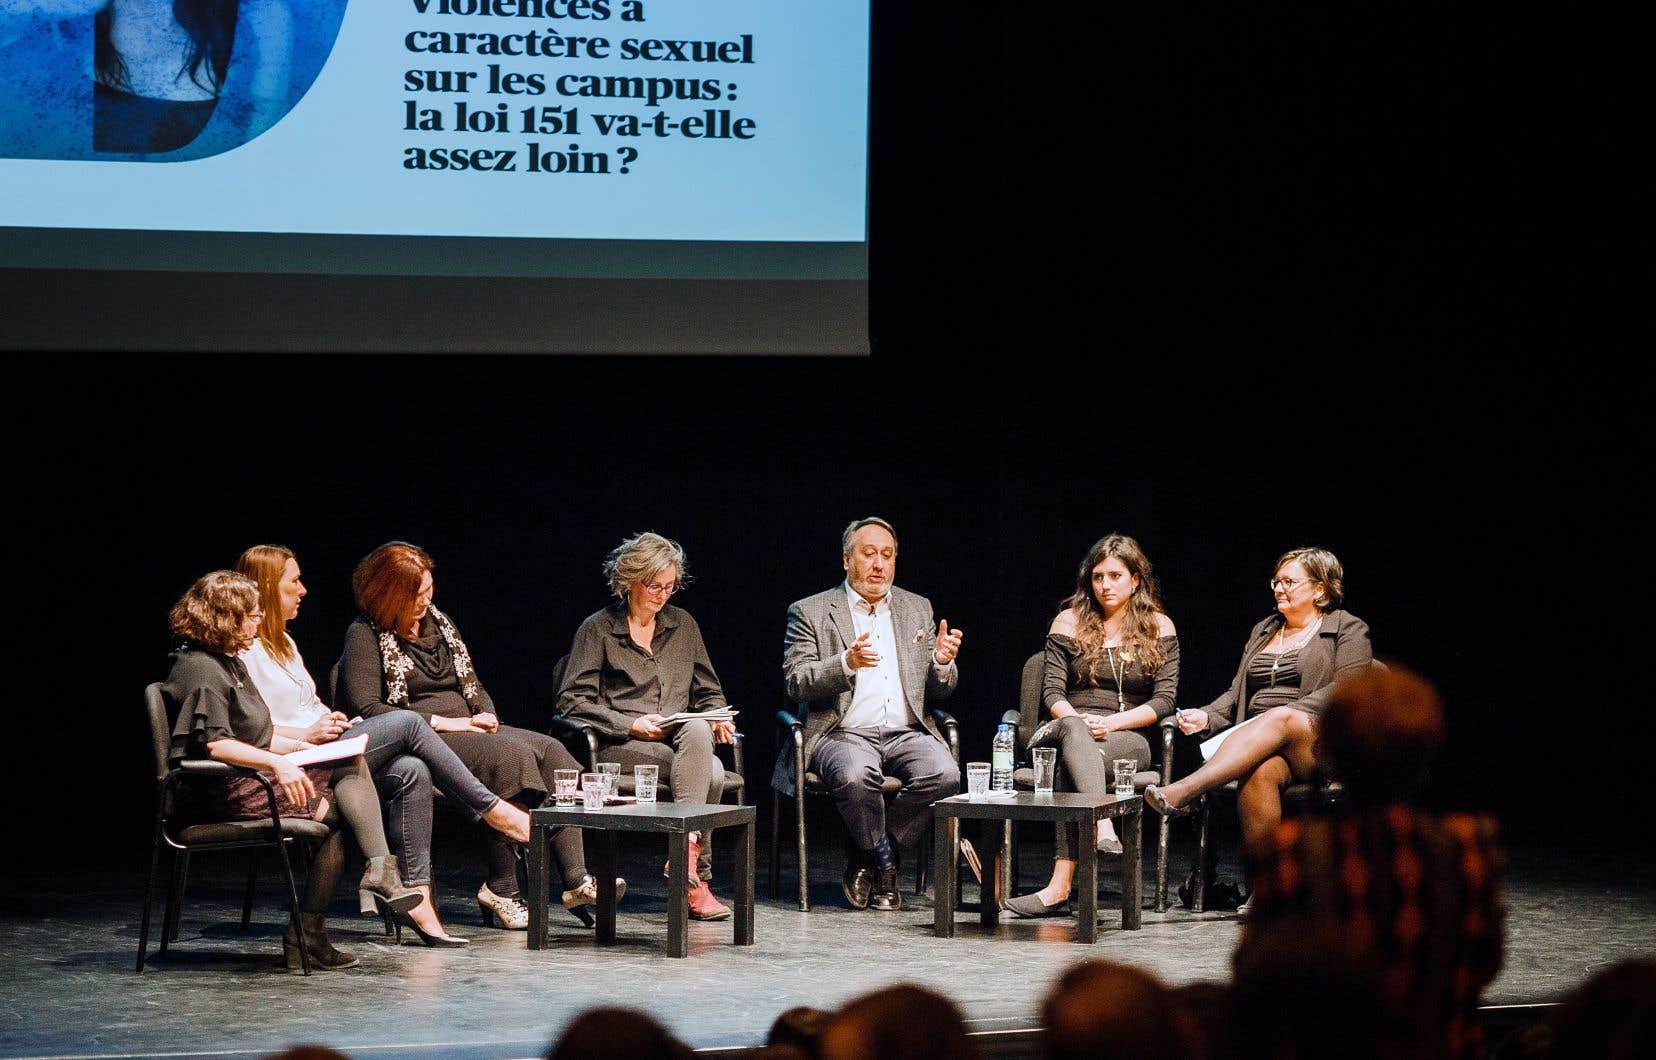 La première édition 2018 du Devoir de débattre était animée par la directrice de l'information Marie-Andrée Chouinard et réunissait six panélistes d'horizons variés (de gauche à droite) : Jessica Nadeau, Rachel Chagnon, Sandrine Ricci, Michel Patry, Mélanie Lemay et Sylvie Barcelo.